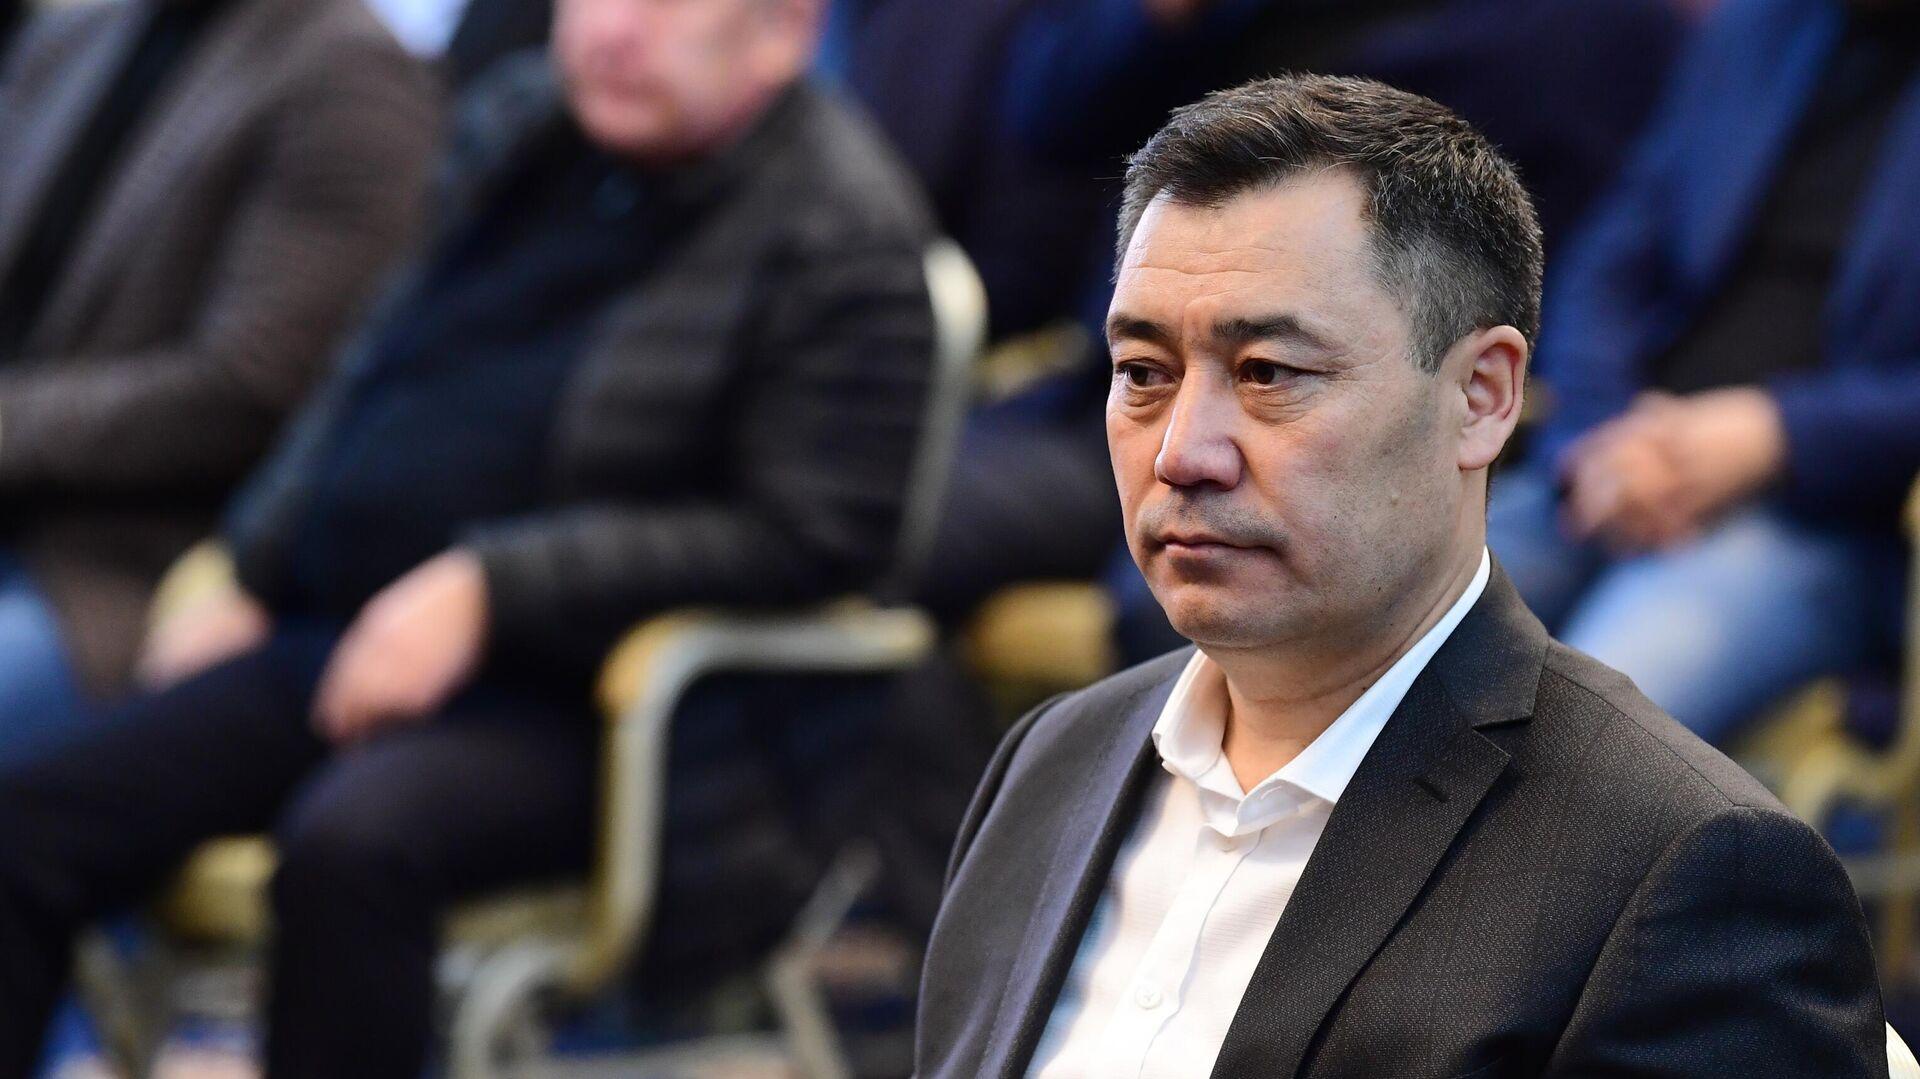 Кандидат на пост премьер-министра Садыр Жапаров на внеочередном заседании парламента Киргизии - РИА Новости, 1920, 26.10.2020